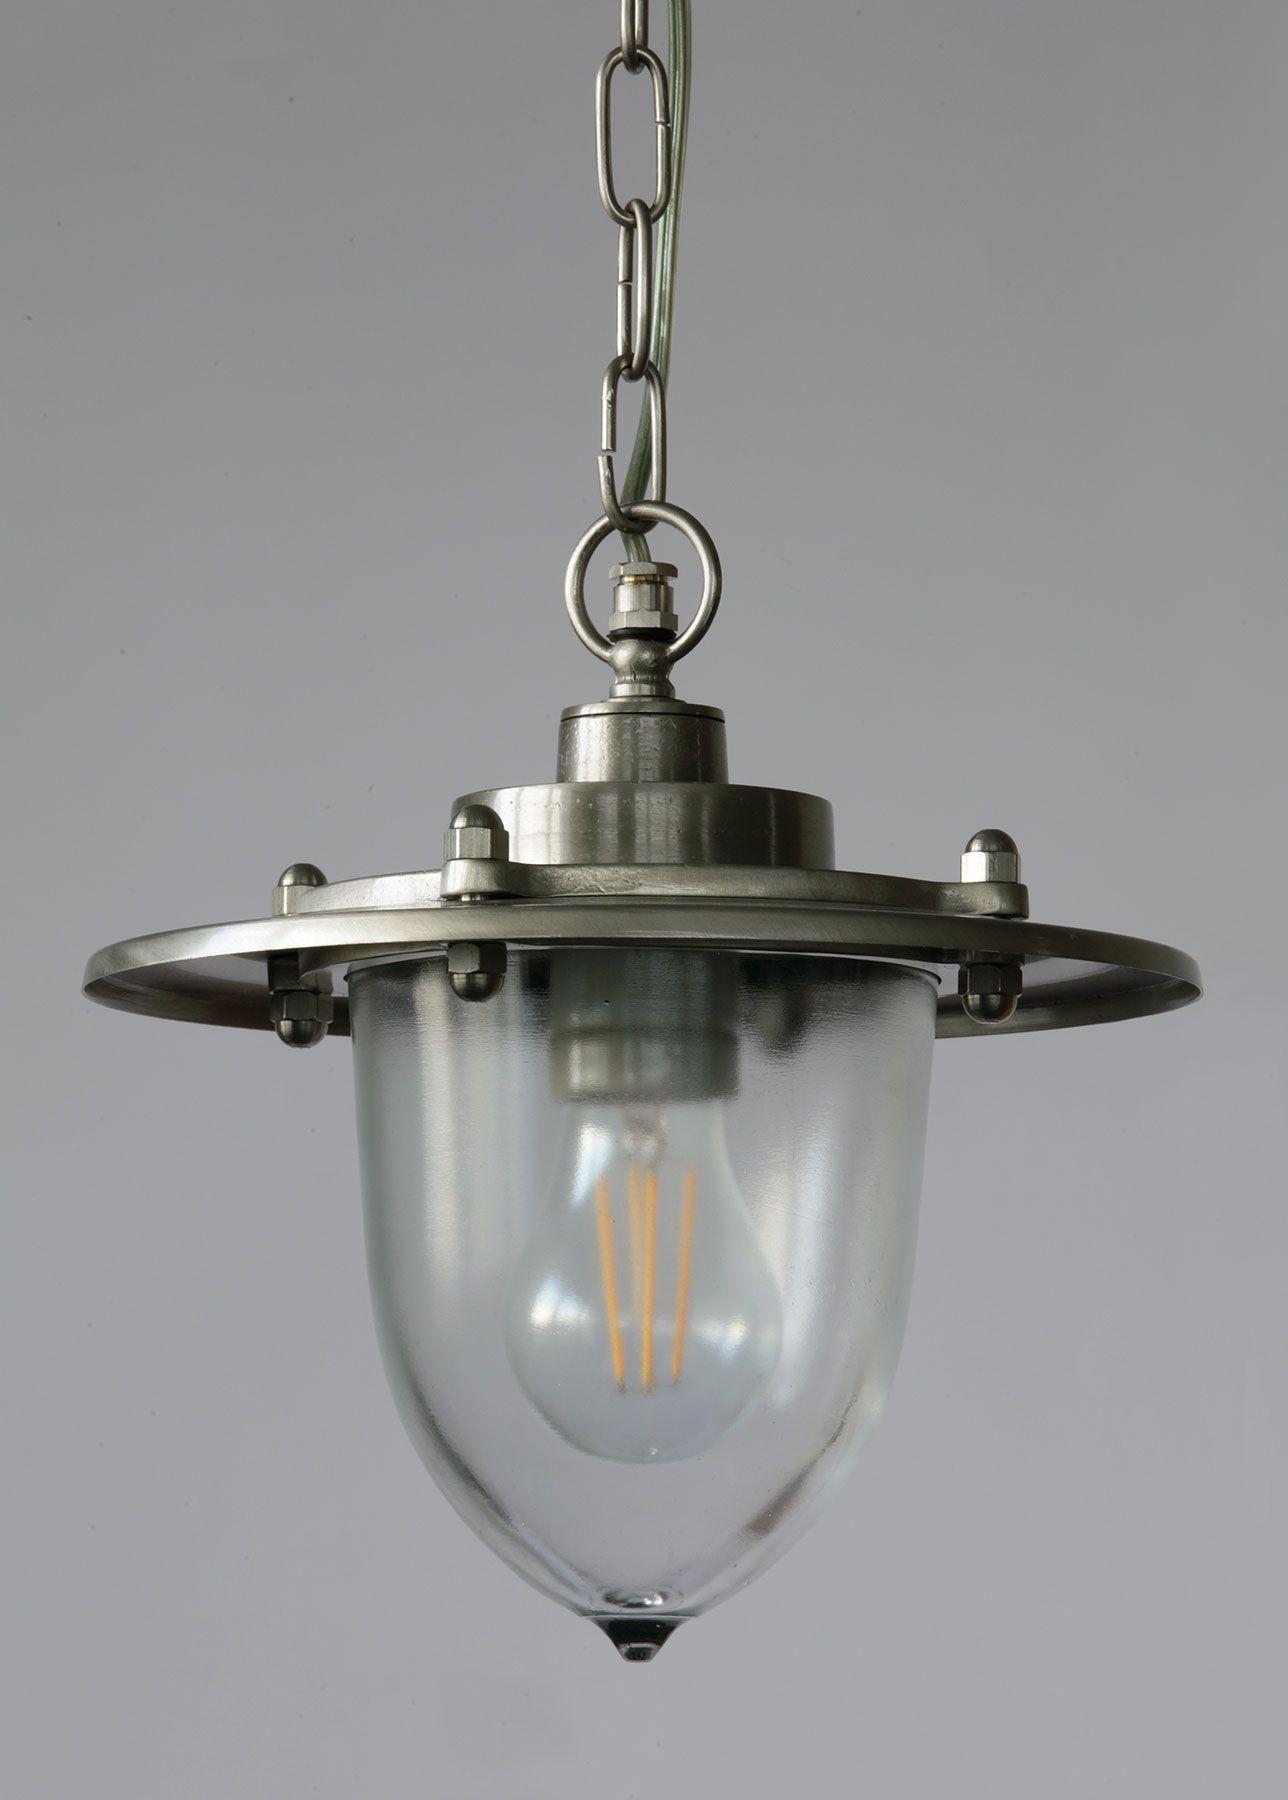 Massive Schiffs Hangeleuchte Mit Glassturz Und Kette Ip53 Von Edition Casa Lumi Schiffshangeleuchte Mit Glassturz Strukturiert Und In 2020 Hangeleuchte Glas Lampen